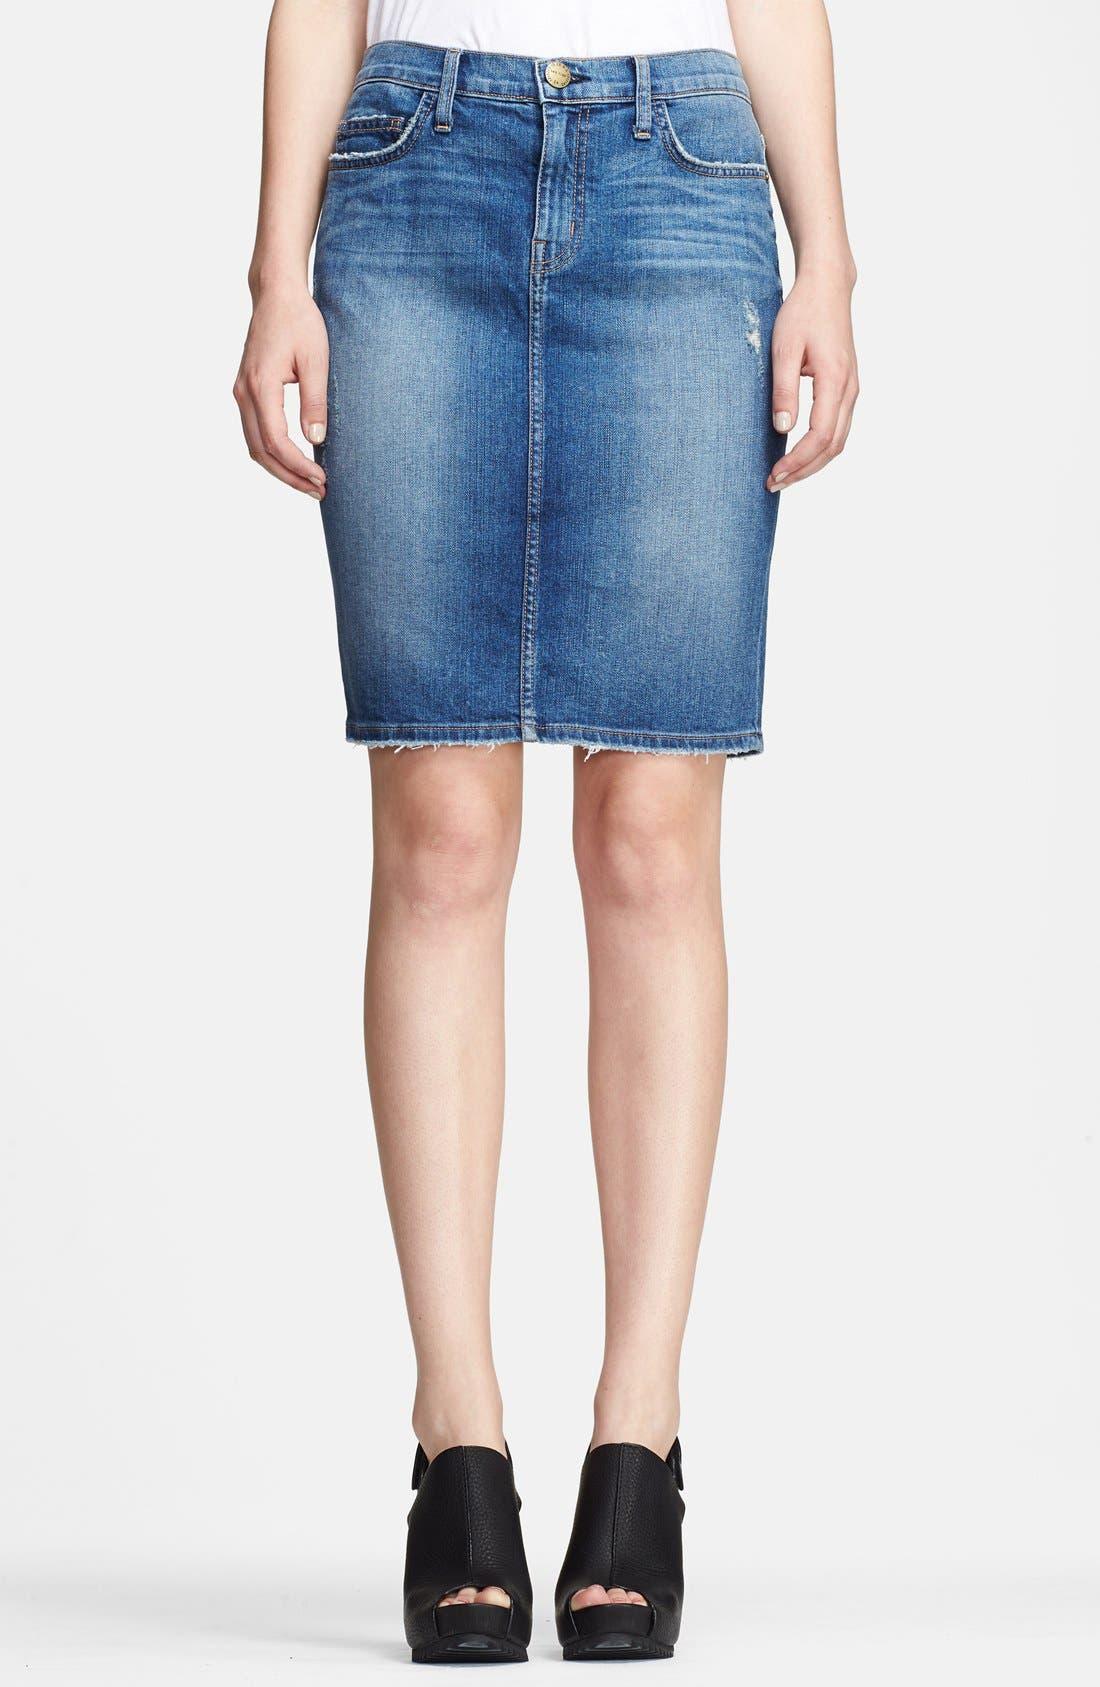 Alternate Image 1 Selected - Current/Elliott 'The Stiletto' Denim Pencil Skirt